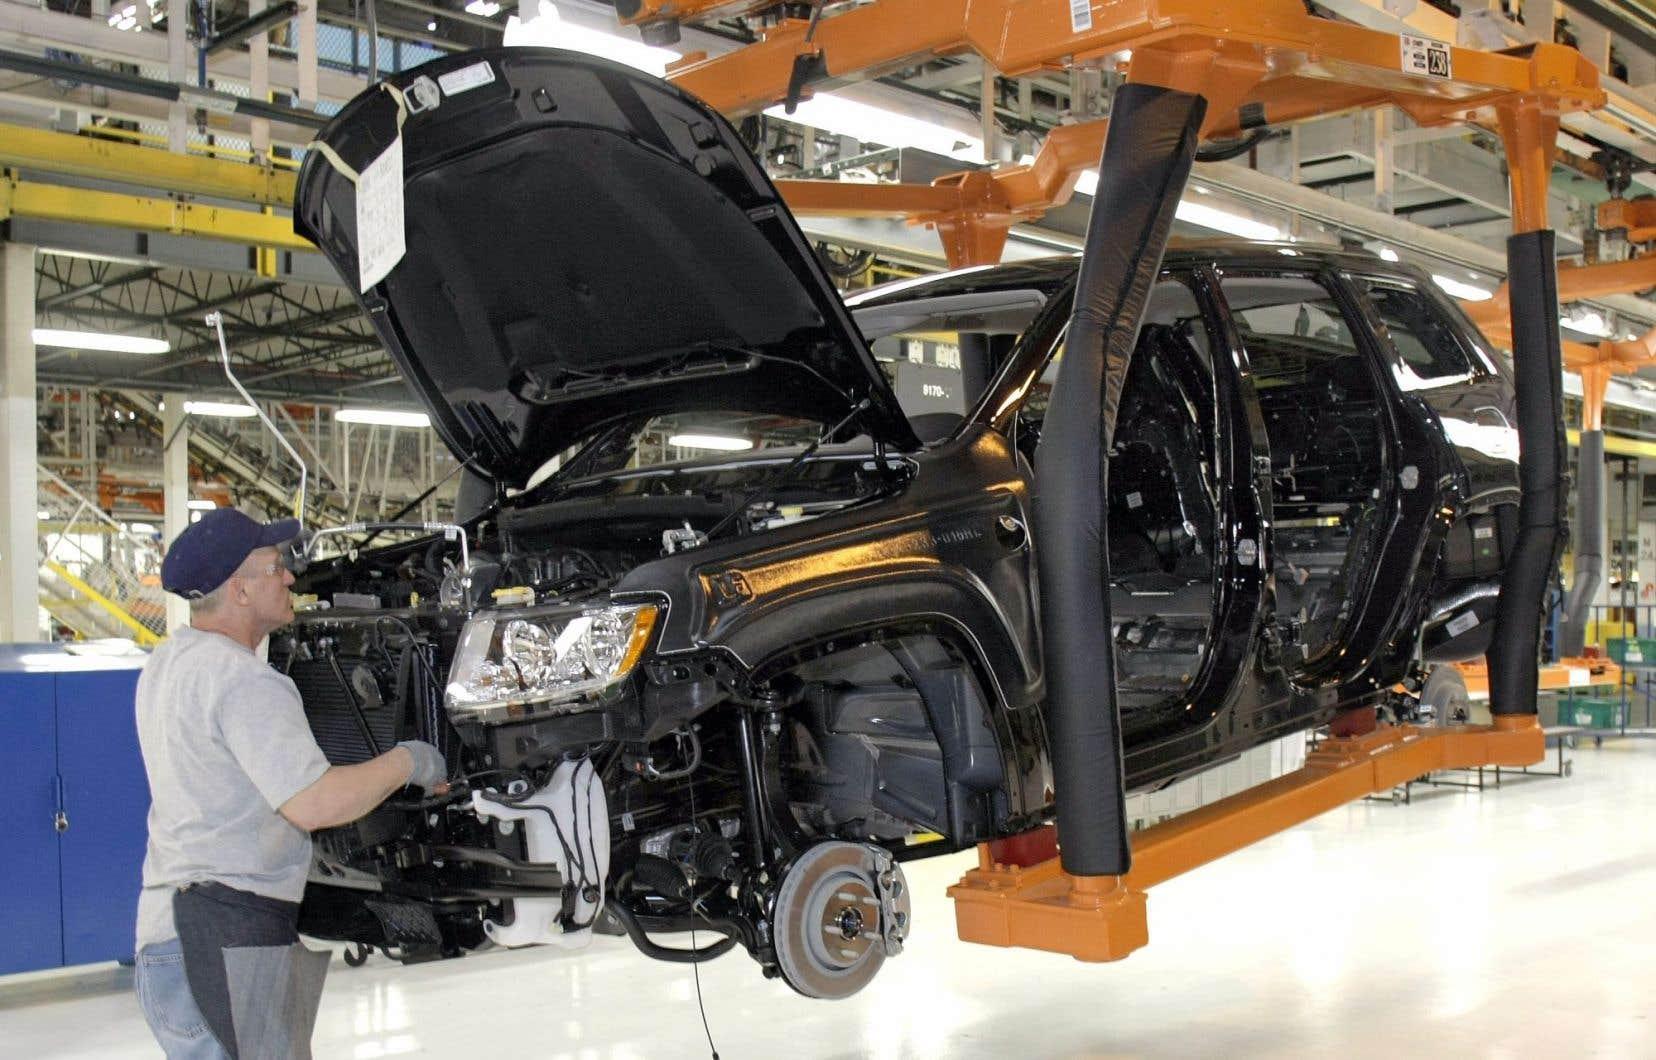 La Jeep Grand Cherokee de Chrysler fait partie des modèles du constructeur équipées d'un logiciel minimisant le niveau réel des émissions de gaz nocifs lors des contrôles.